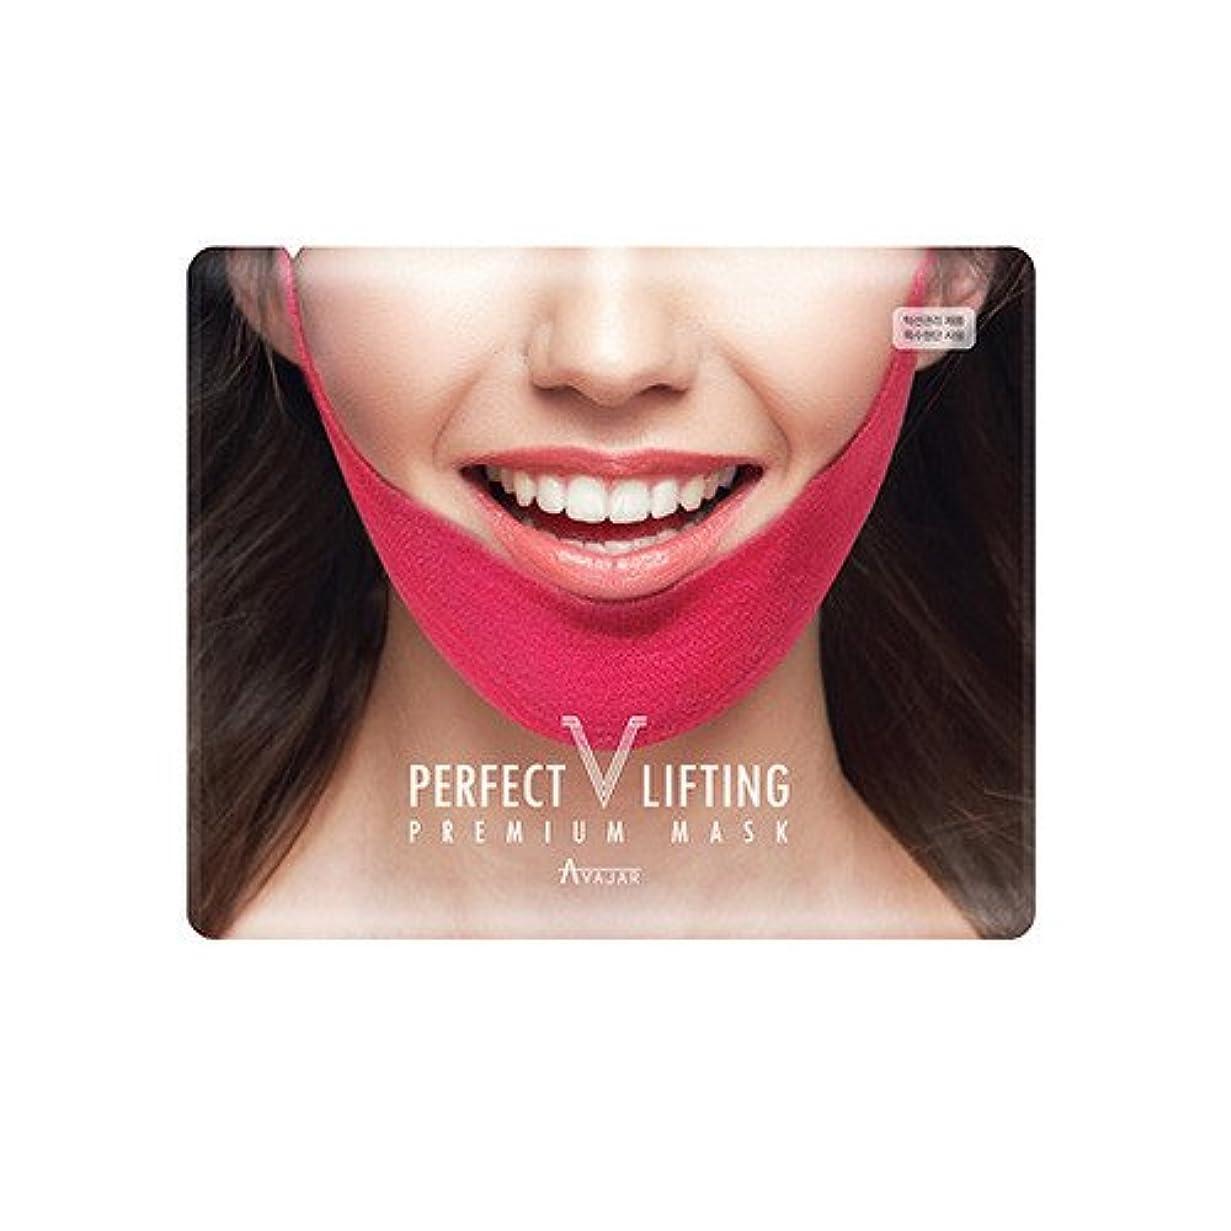 聴覚宣伝課すAvajar パーフェクトVはプレミアムマスクリフティング 1ea 女性の年齢は彼女の下顎の輪郭によって決定されます [並行輸入品]